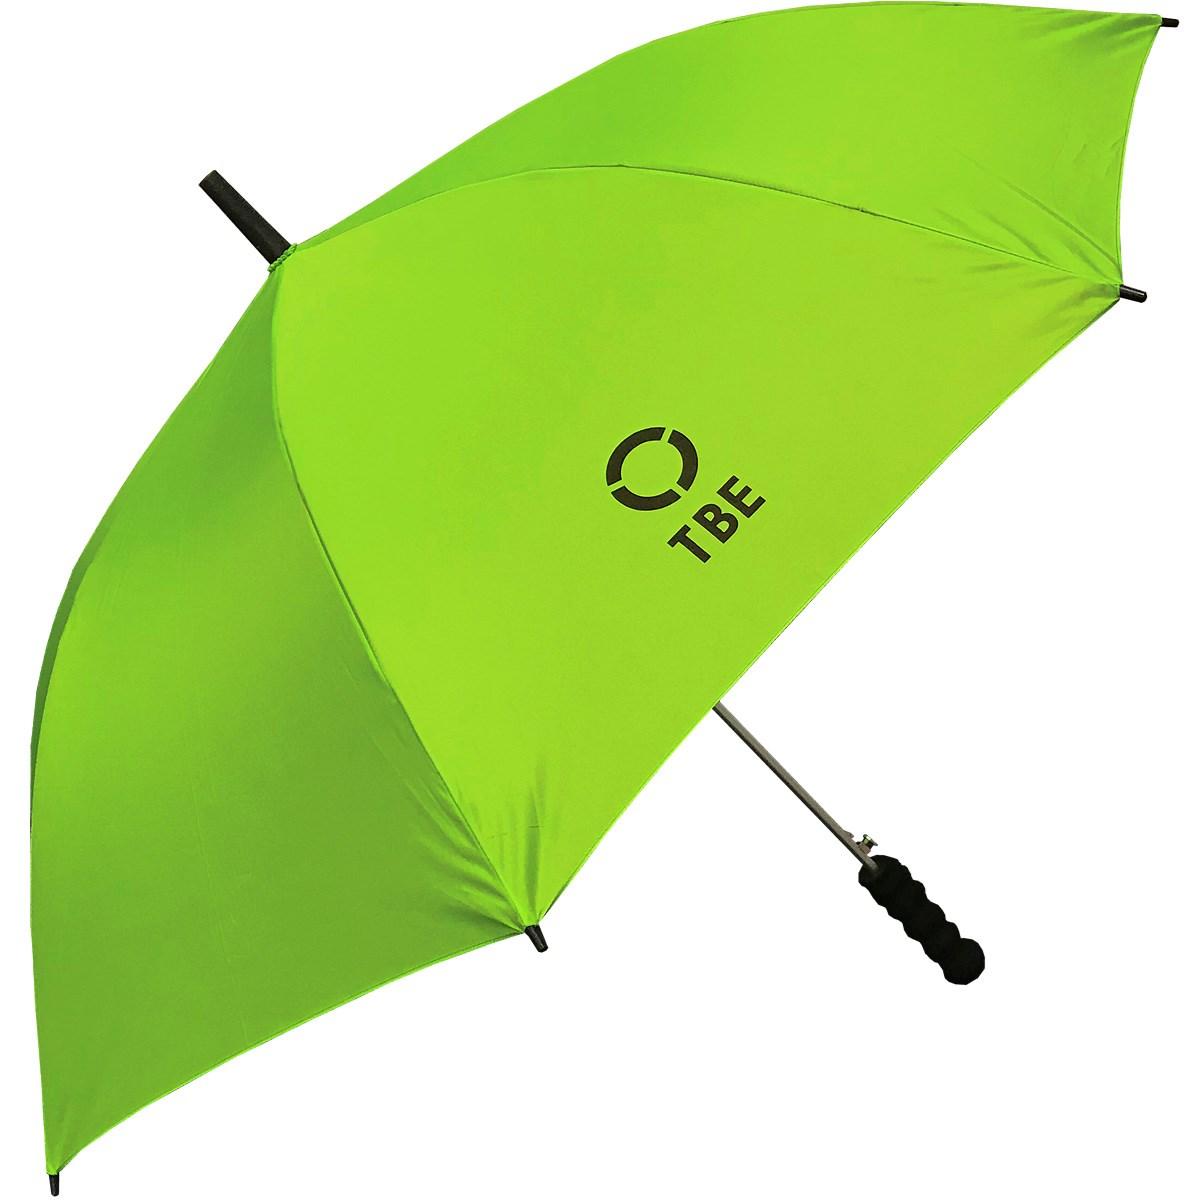 飛衛門 TOBIEMON 晴雨兼用・男女兼用 UVゴルフ傘 グリーン